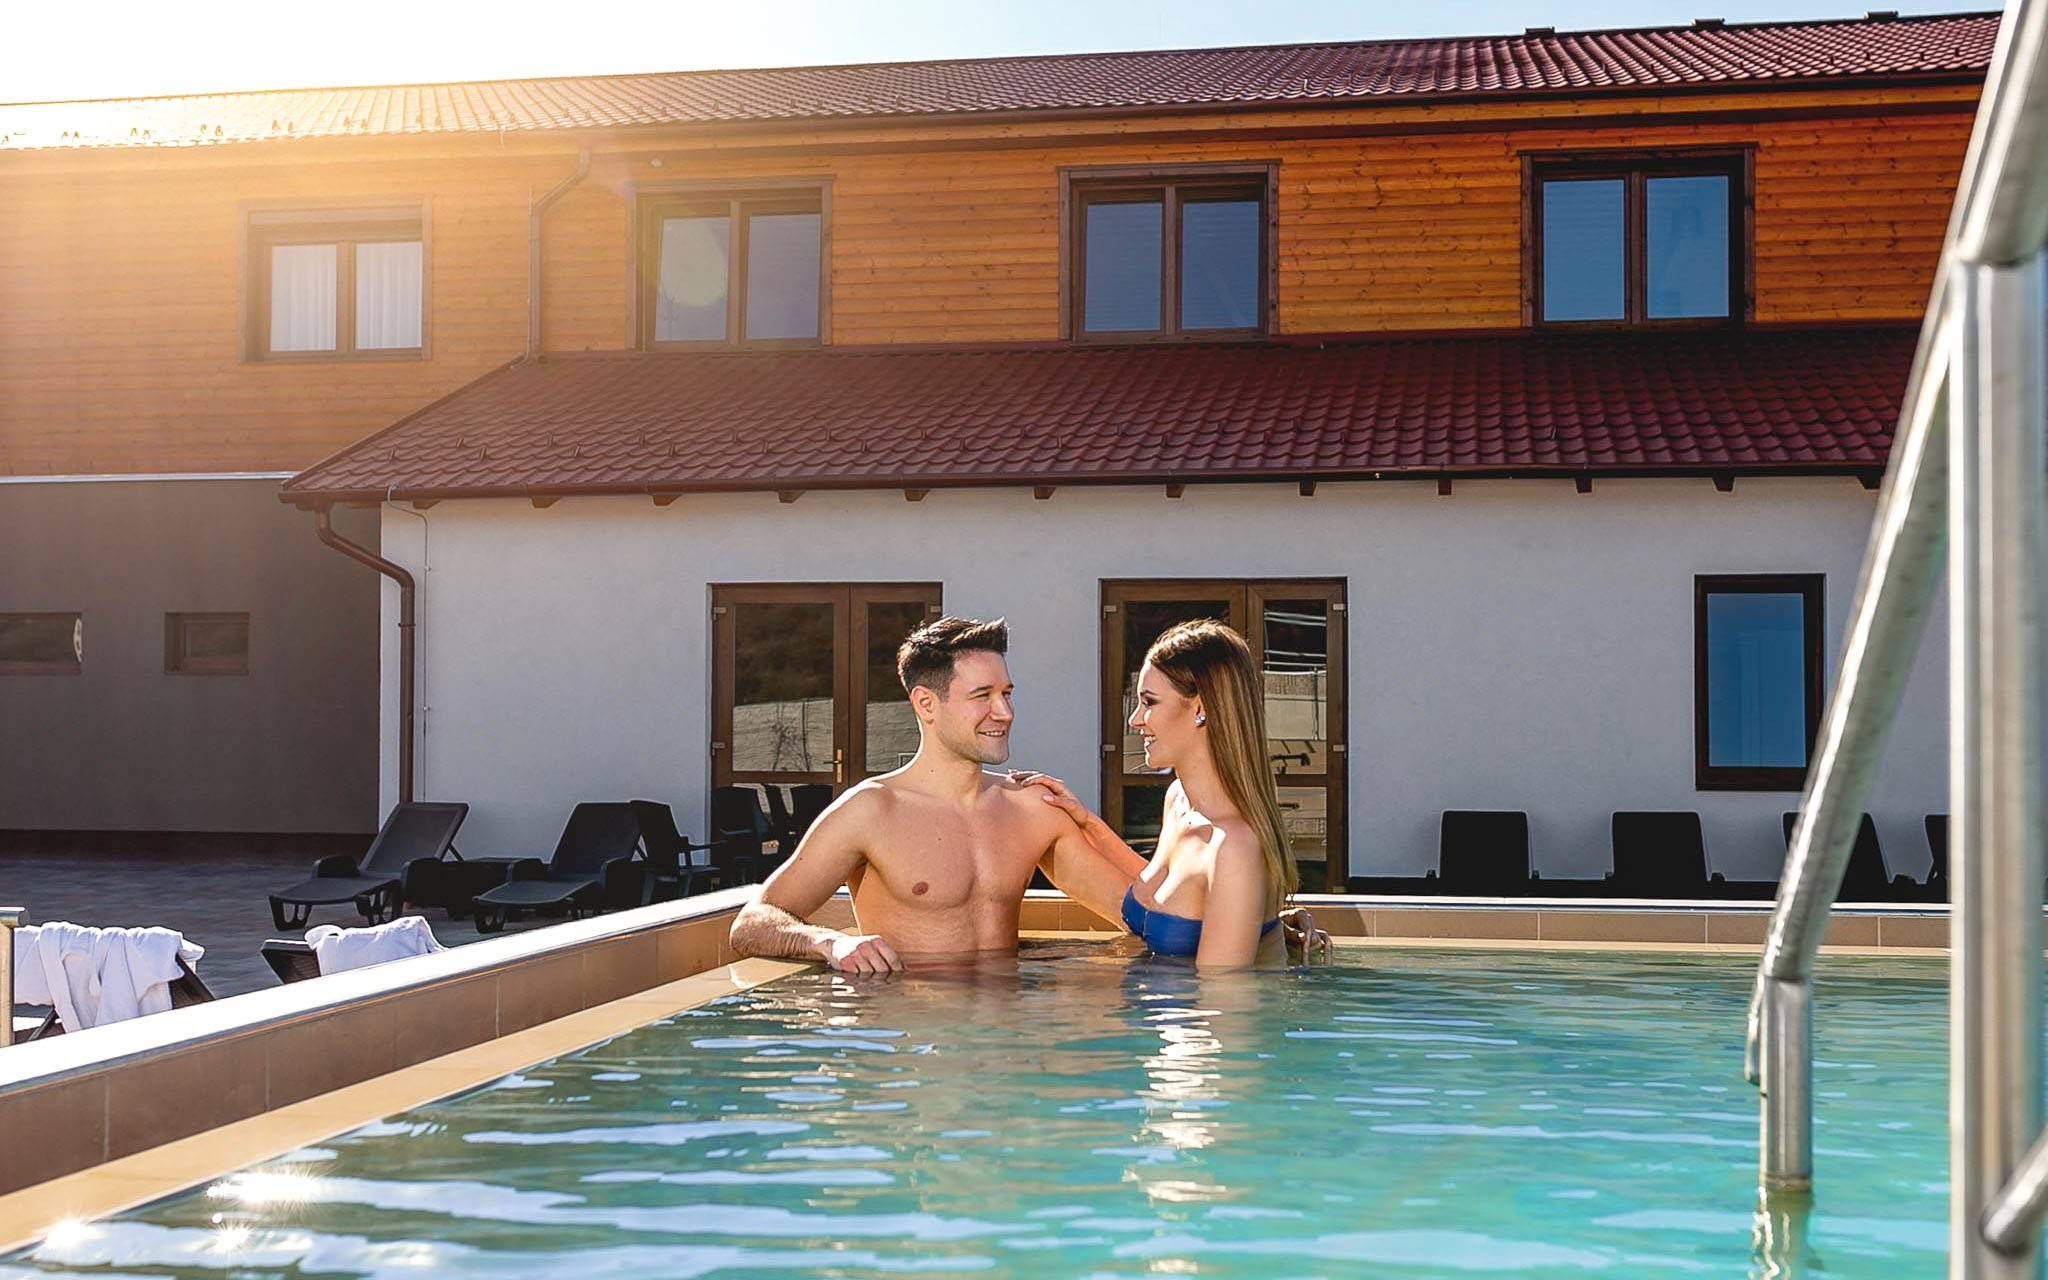 Maďarsko: Lázně Eger a Demjén v Barrico Thermal Hotelu **** s neomezeným termální wellness + polopenze